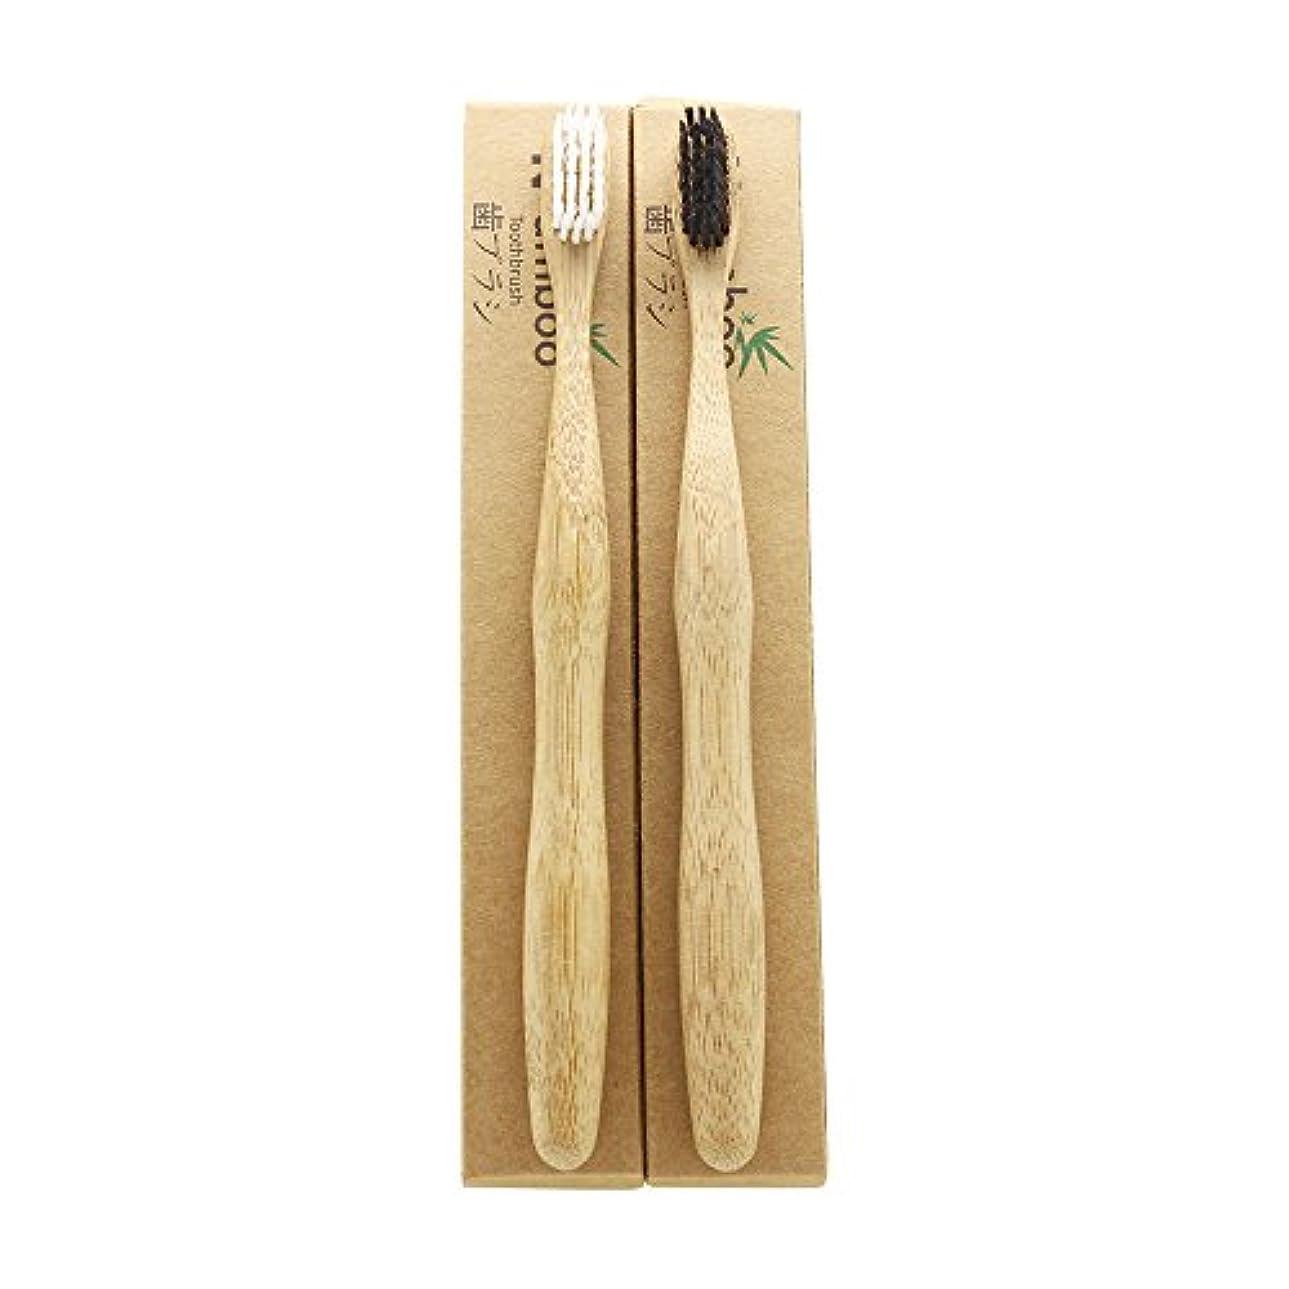 確保する着服消えるN-amboo 竹製 歯ブラシ 高耐久性 白と黒 セット エコ (2本)